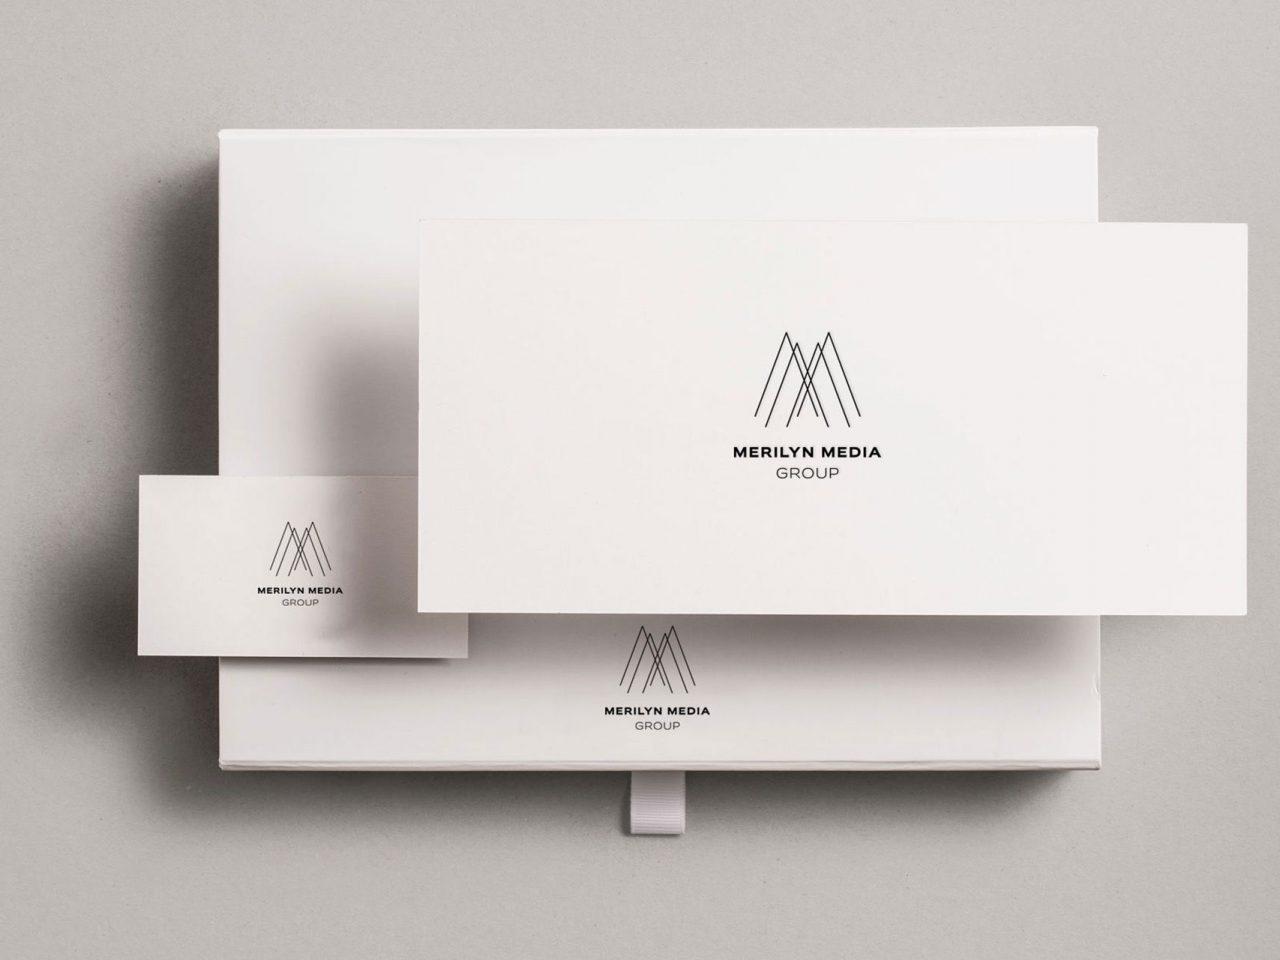 Merilyn Media Group